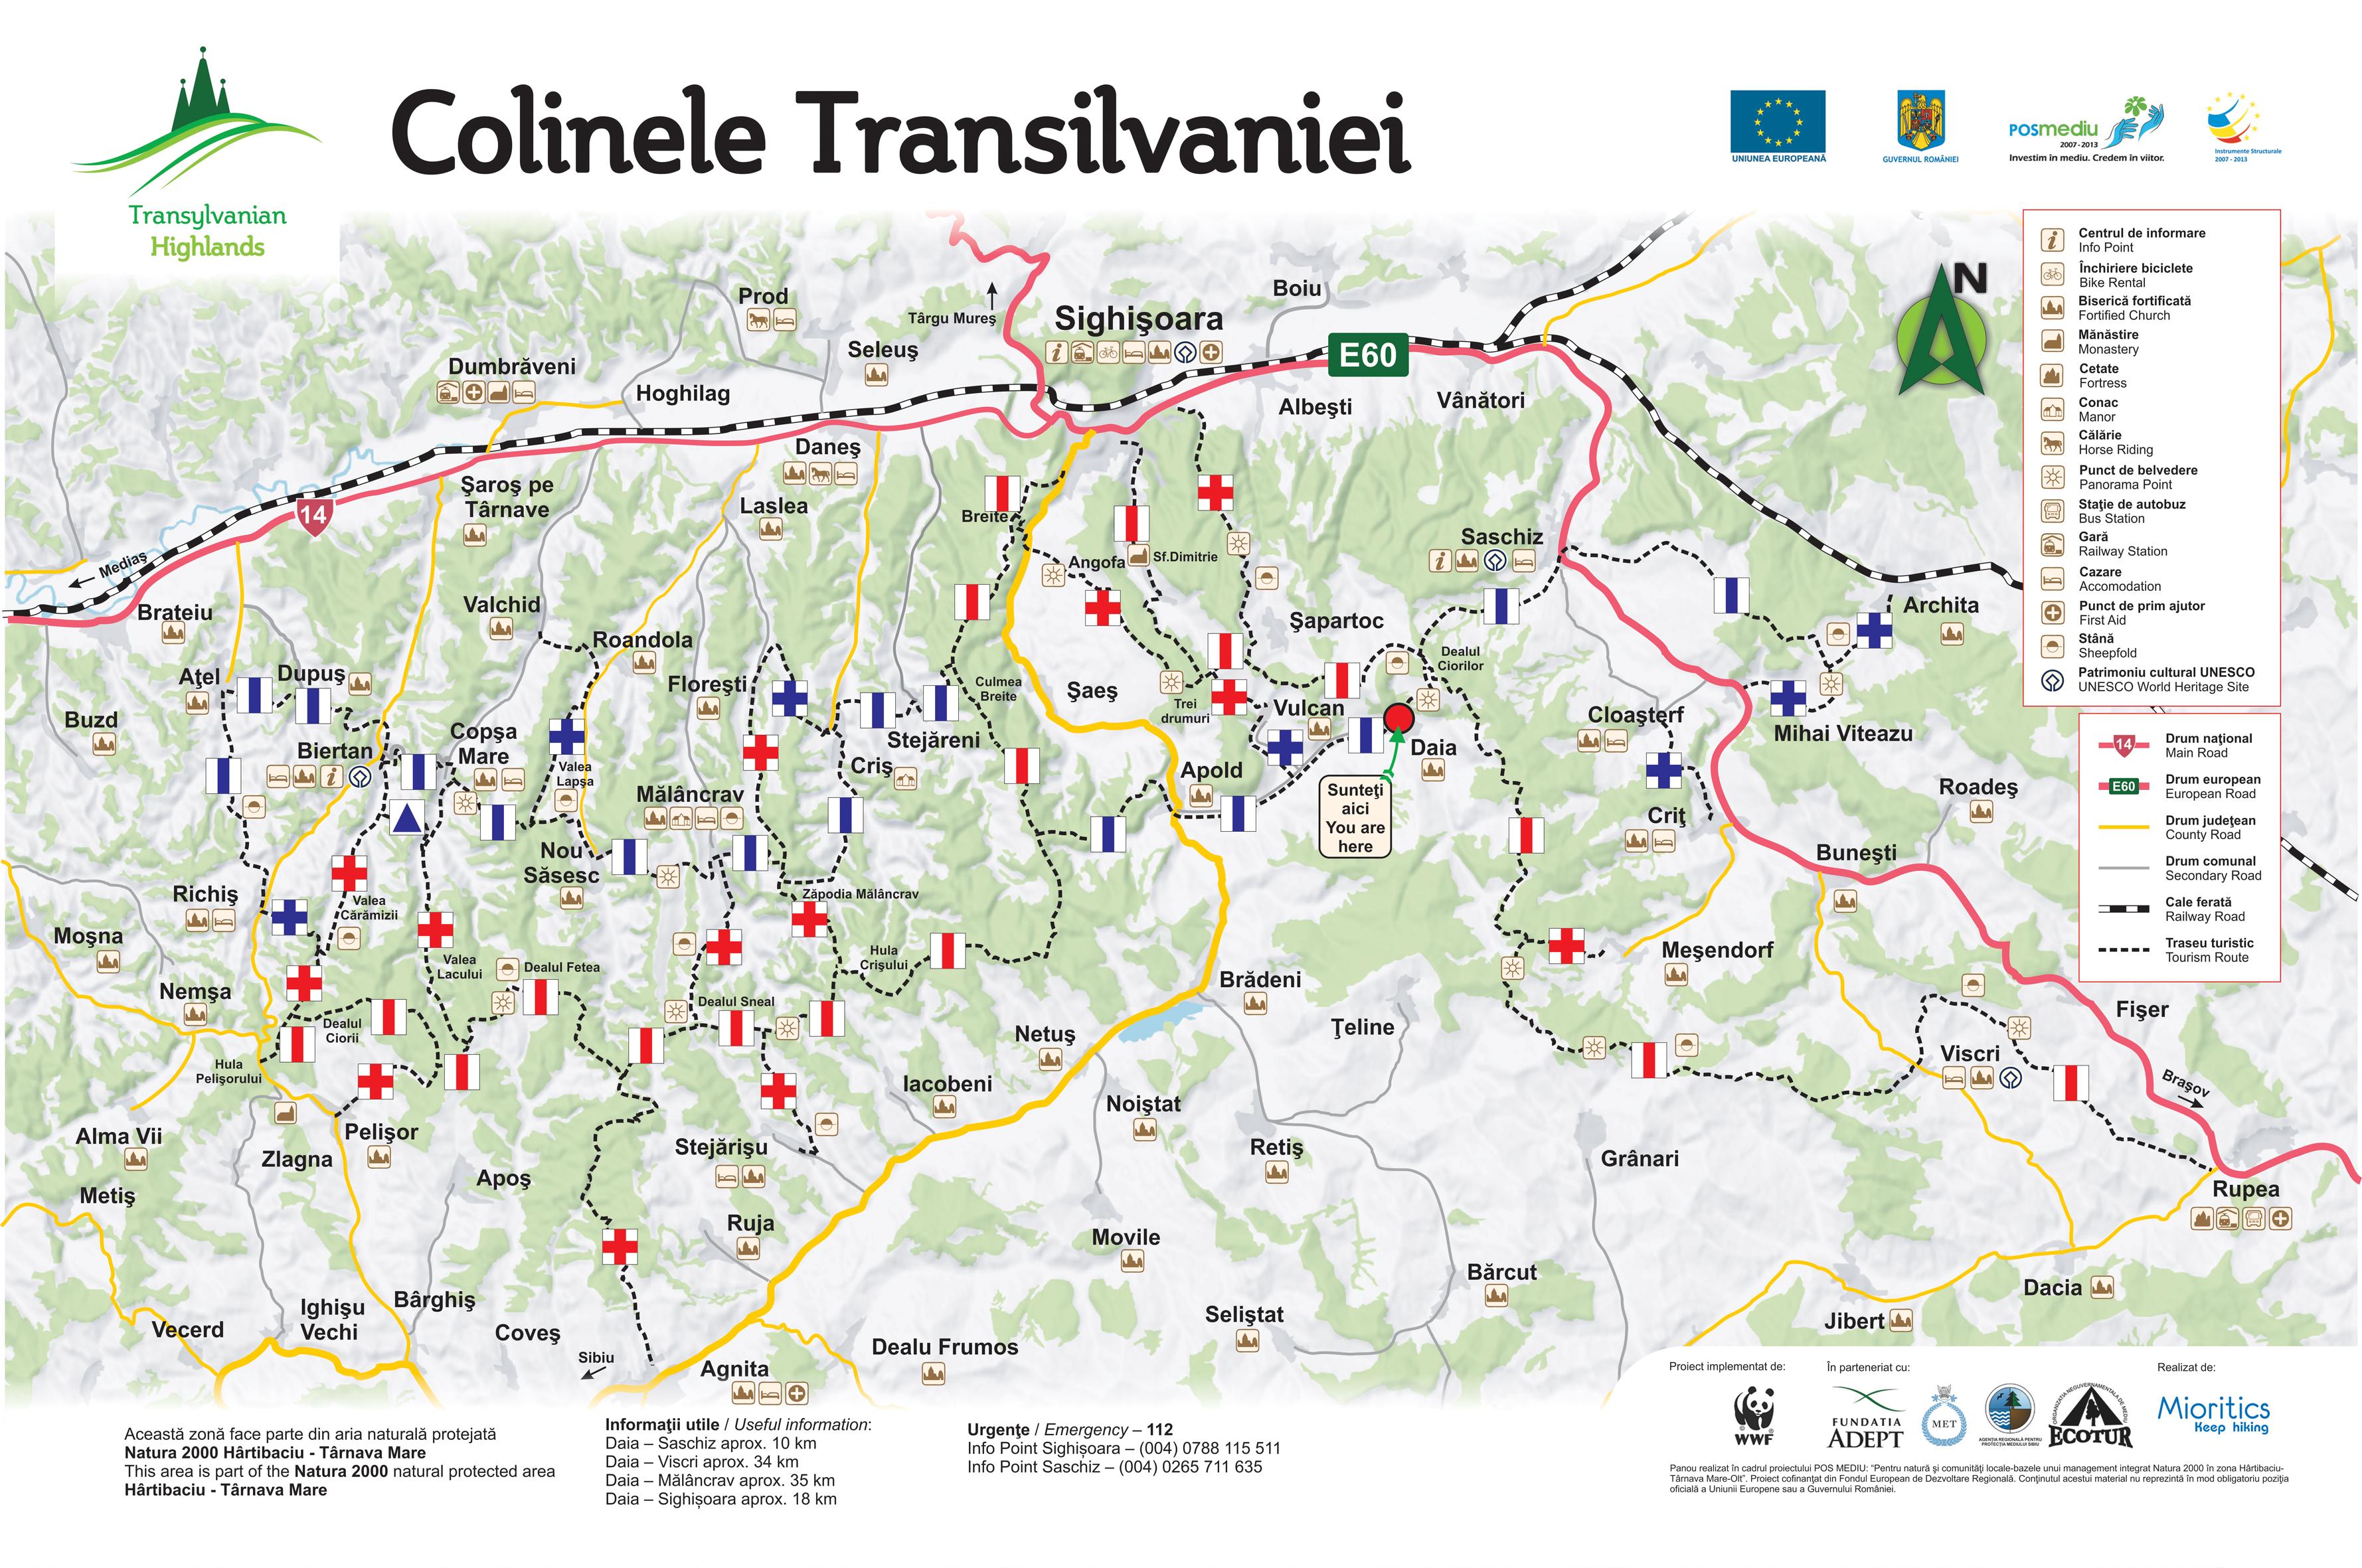 Trasee de bicicletă și drumeție în Podișul Hârtibaciului din Transilvania